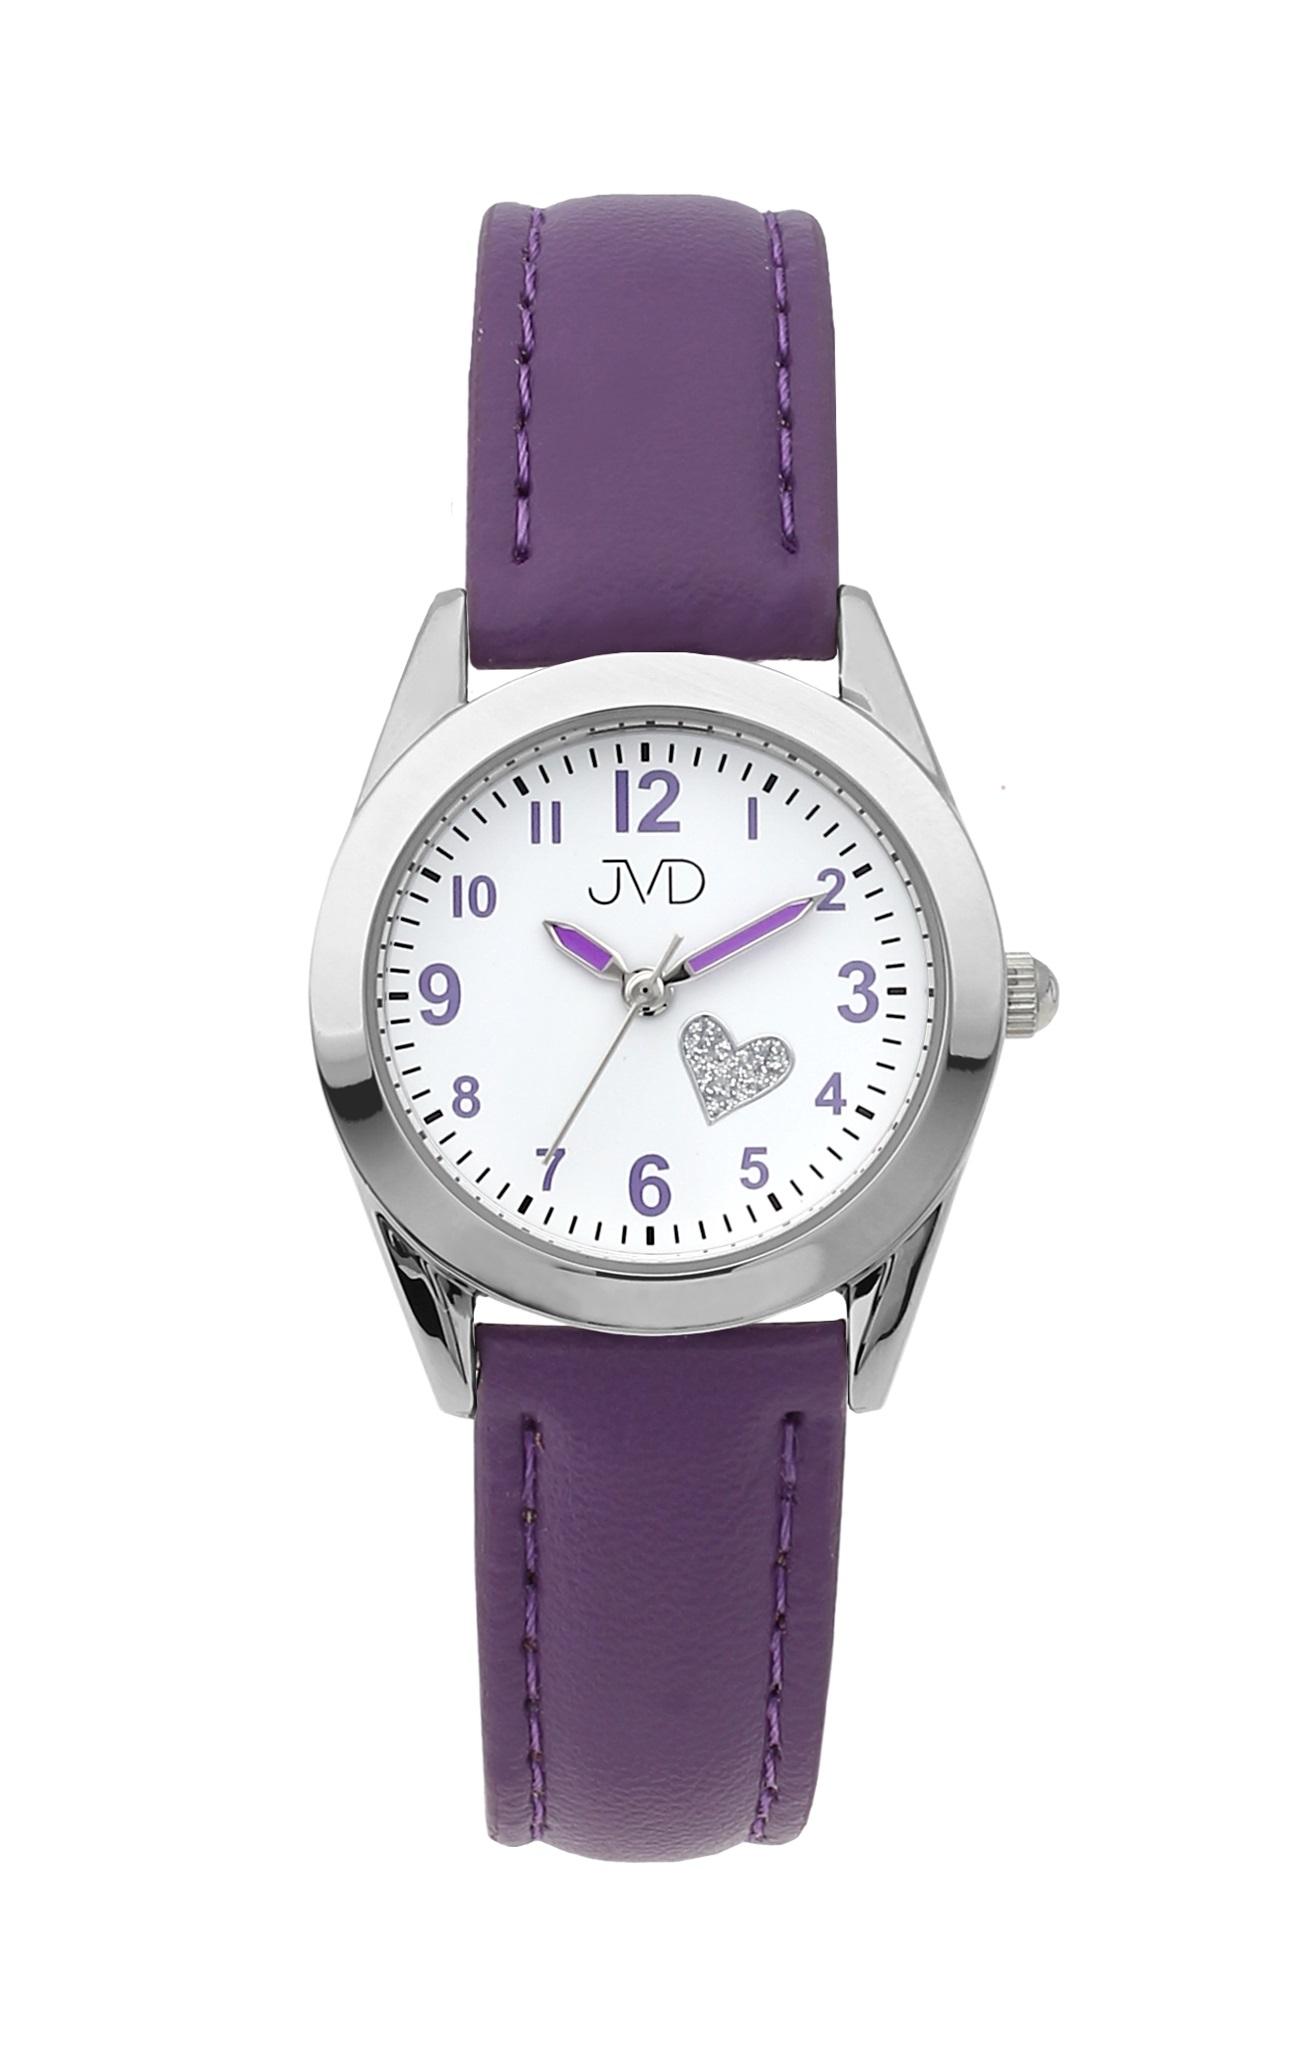 Dětské dívčí náramkové čitelné hodinky JVD J7178.3 se srdíčkem (fialkové dívčí hodinky)